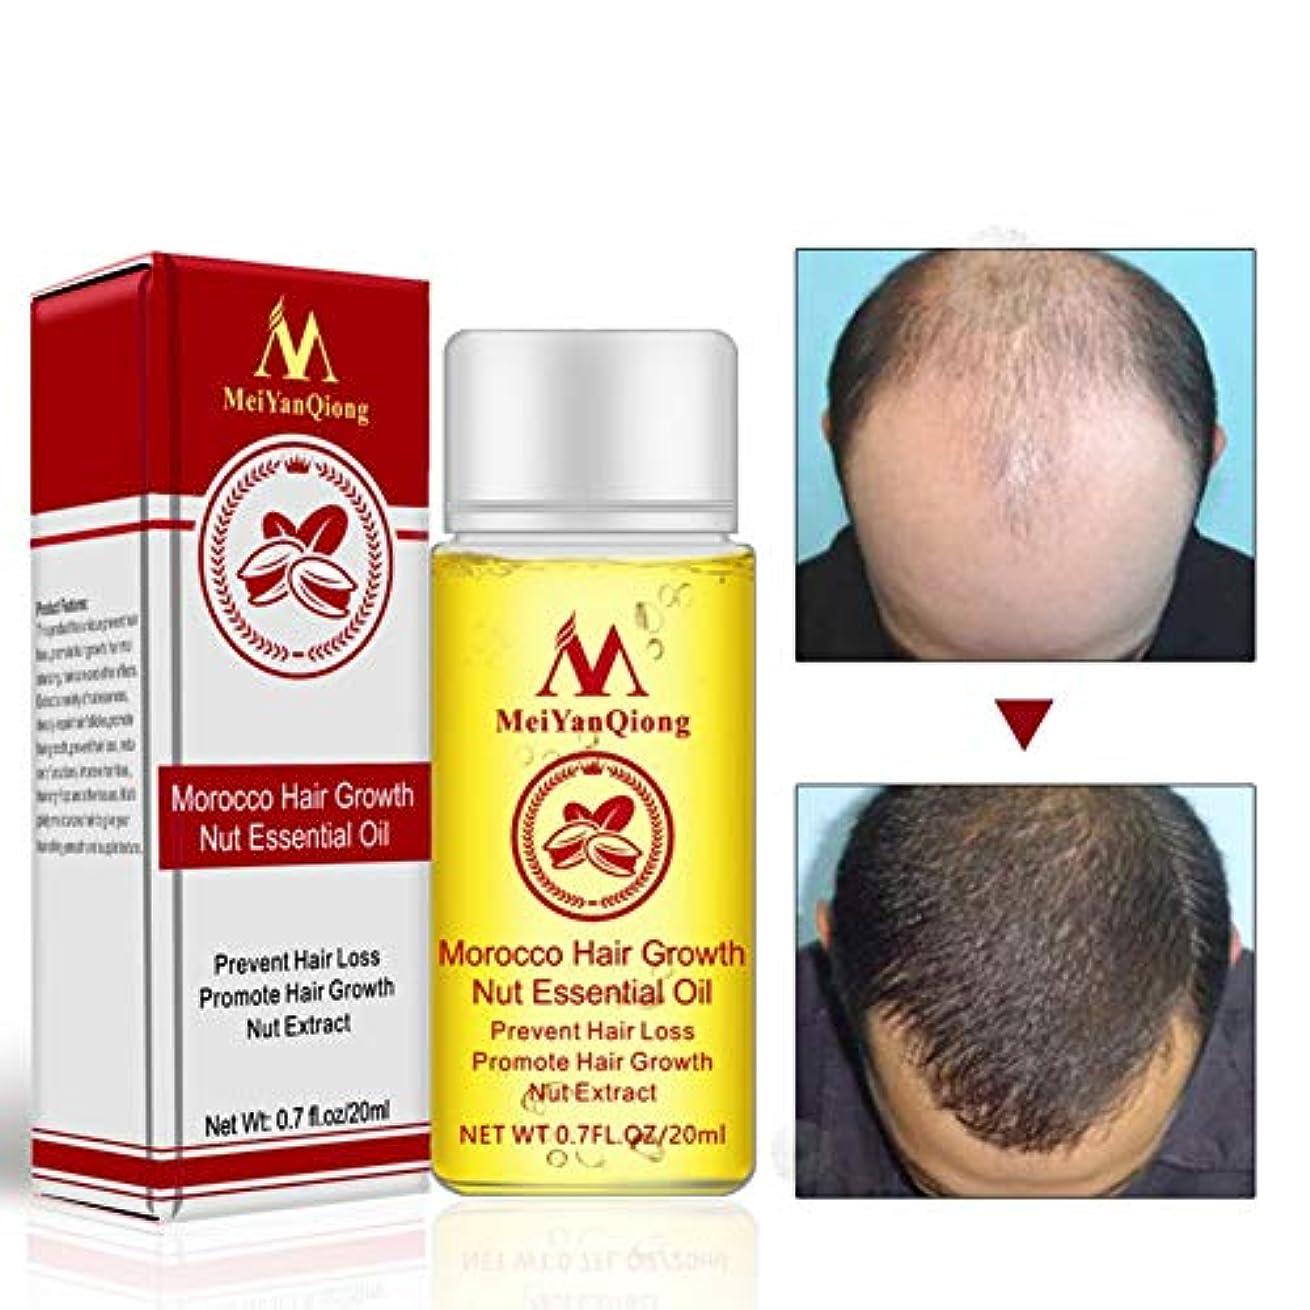 誇大妄想開発偶然のAlluoleのモロッコの毛の成長のナットの精油の反毛の損失は毛の成長の本質を促進します